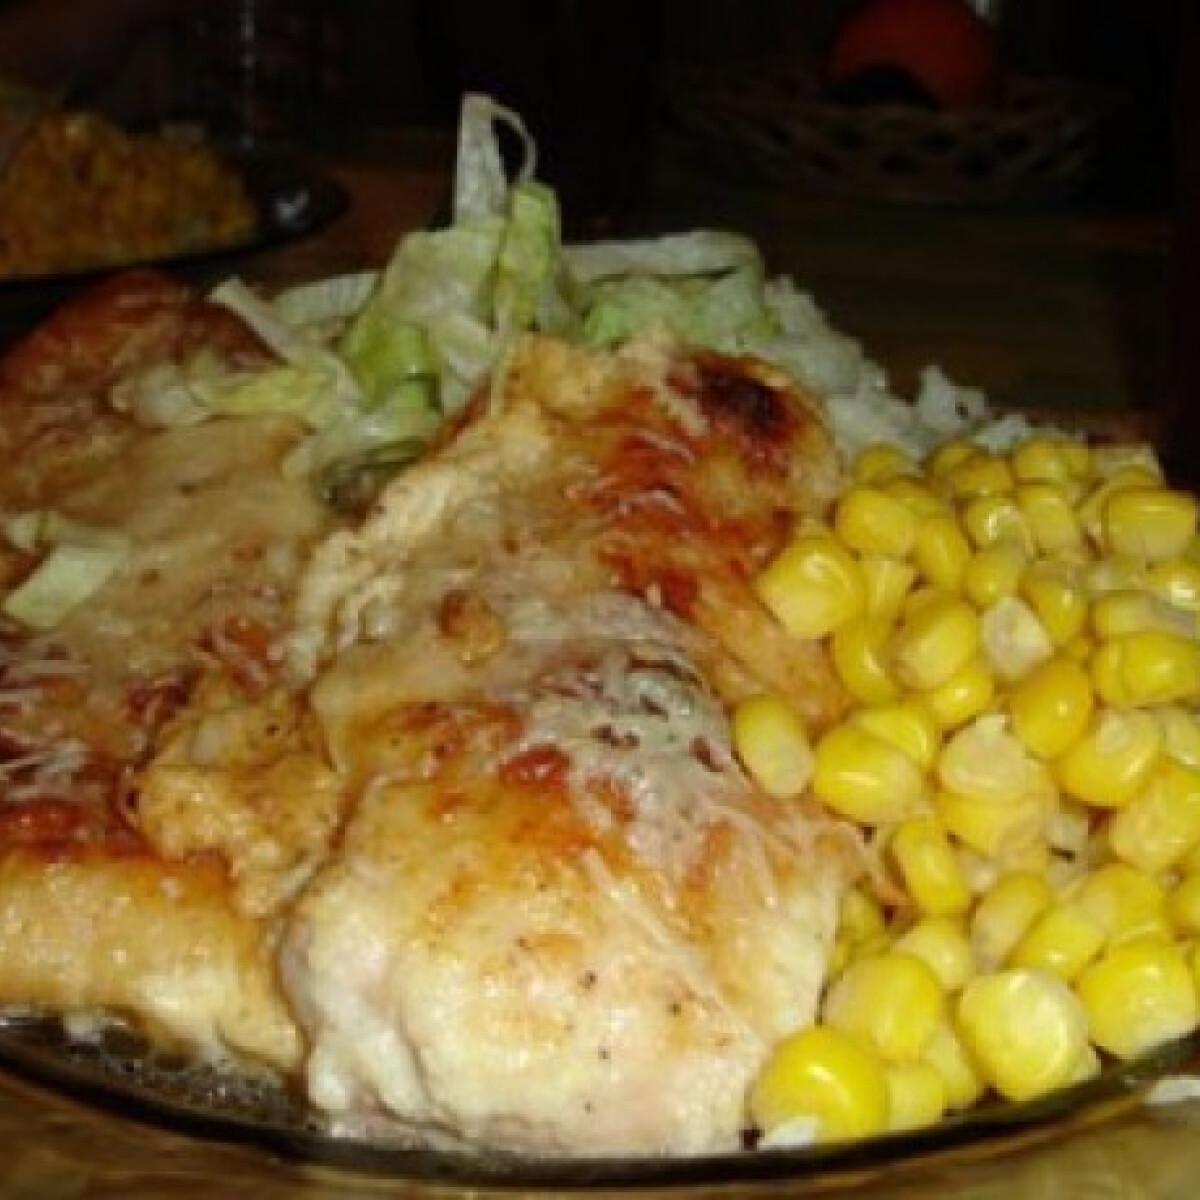 Ezen a képen: Tepsiben sült csirke sajtpanírban